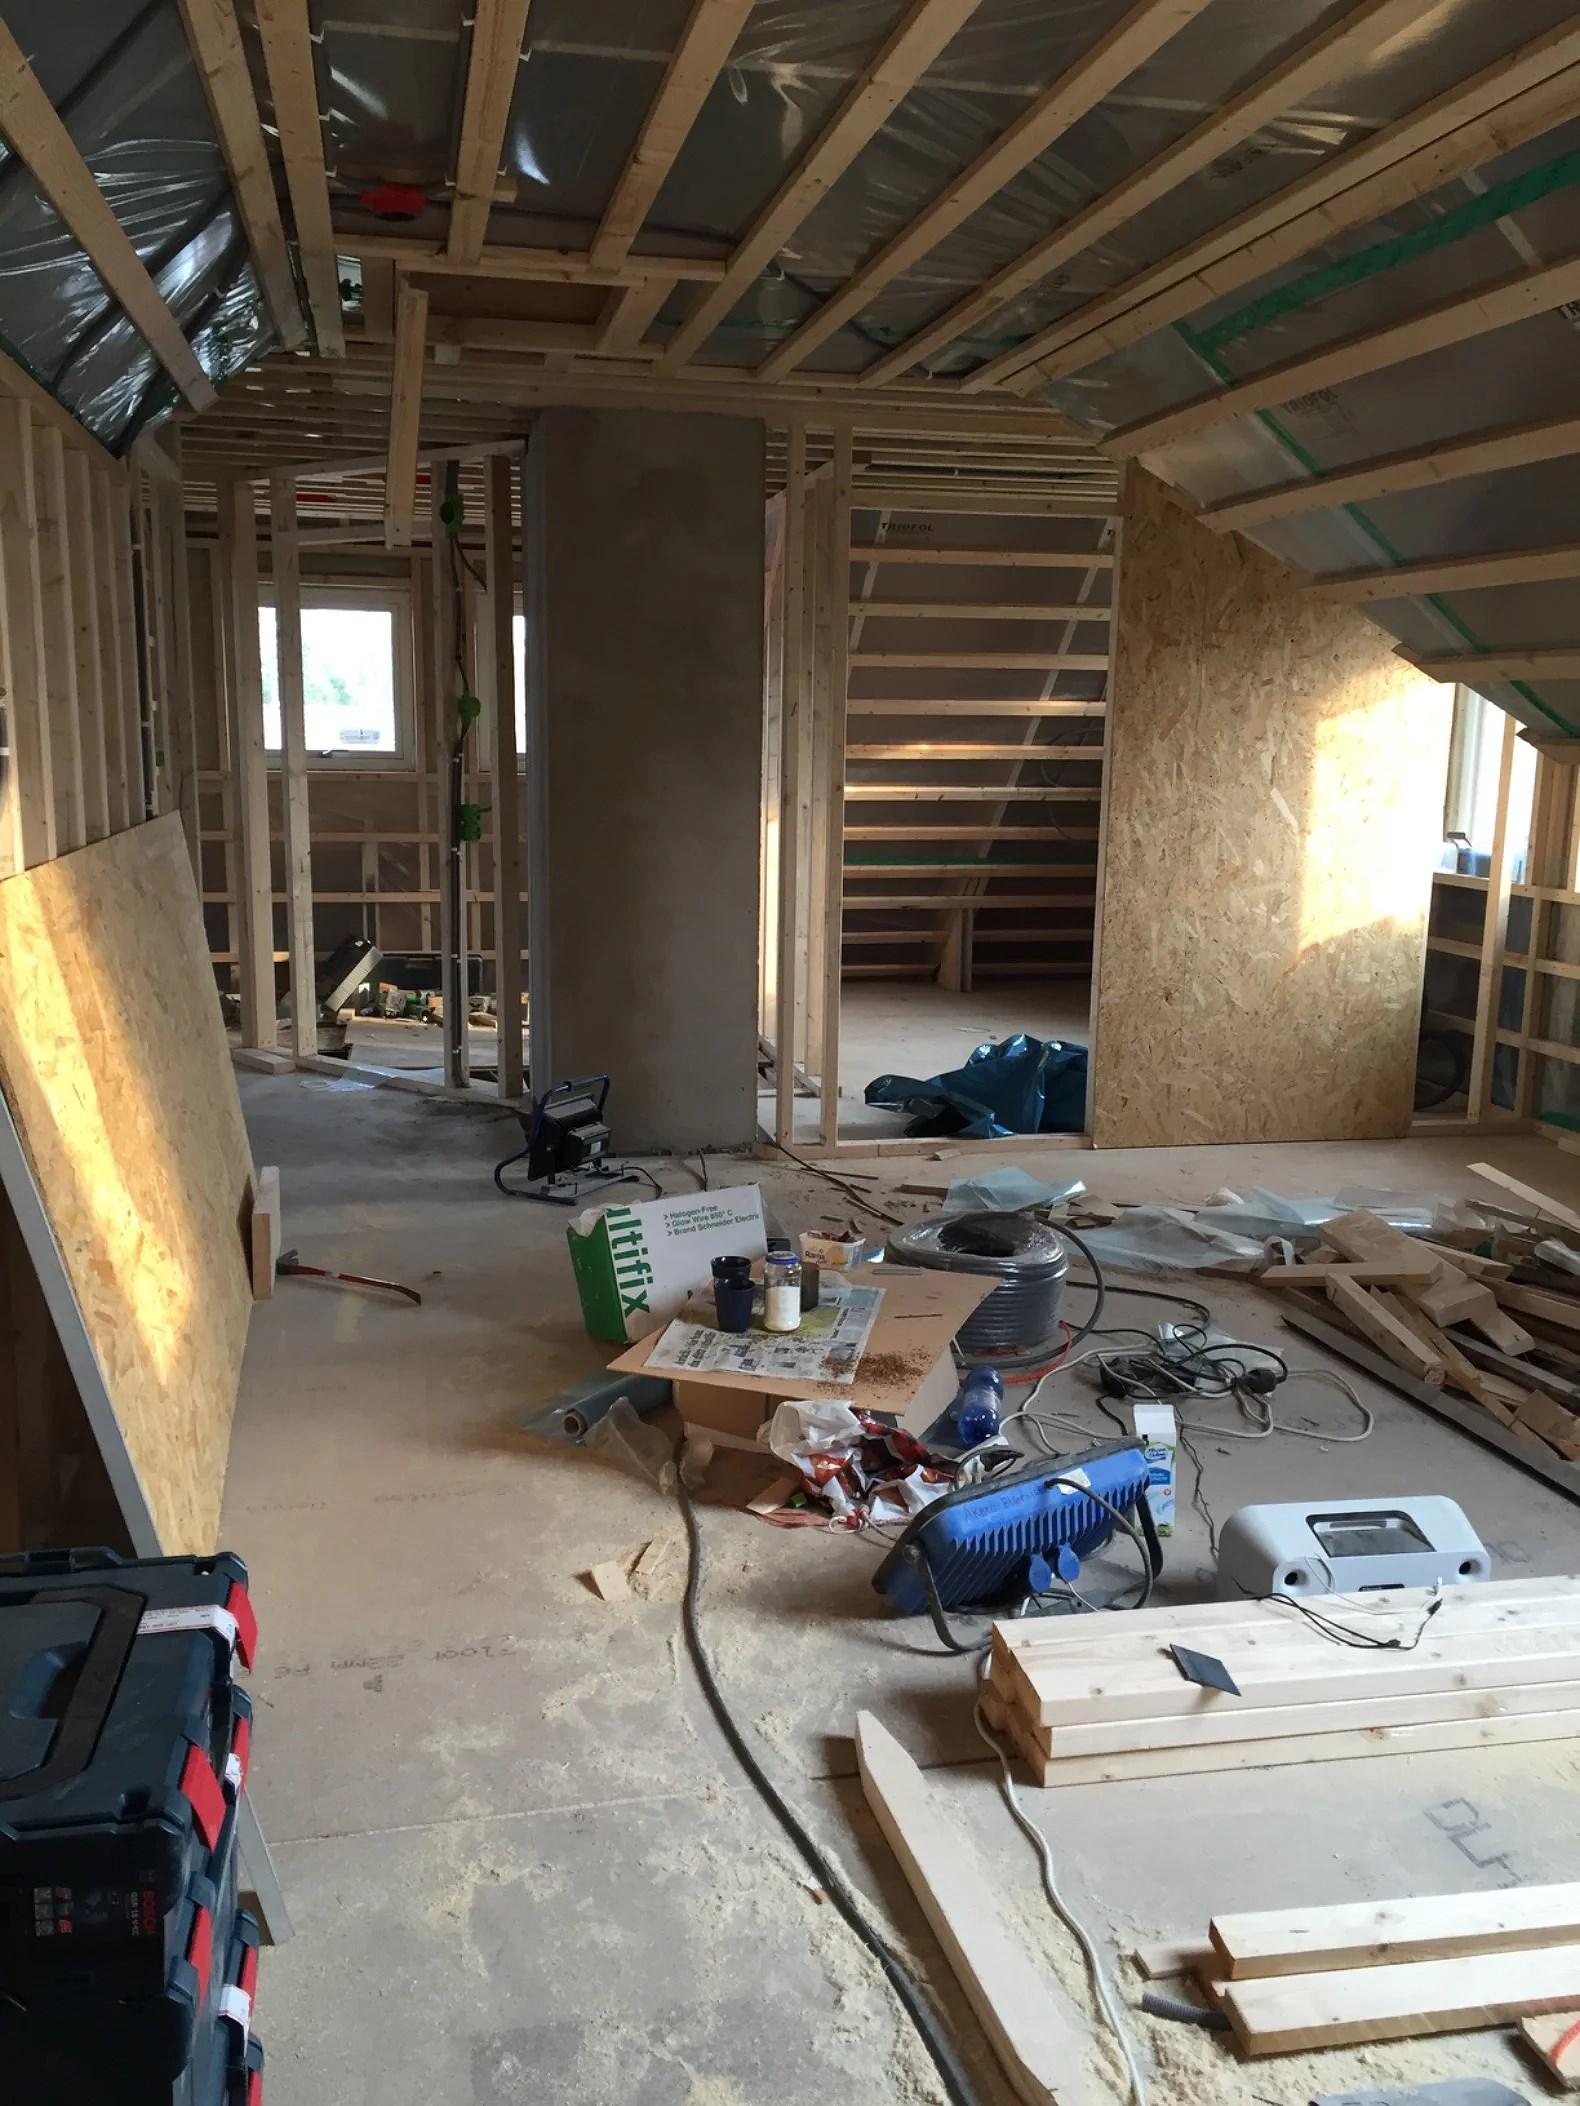 Drömmen om att bygga ett hus